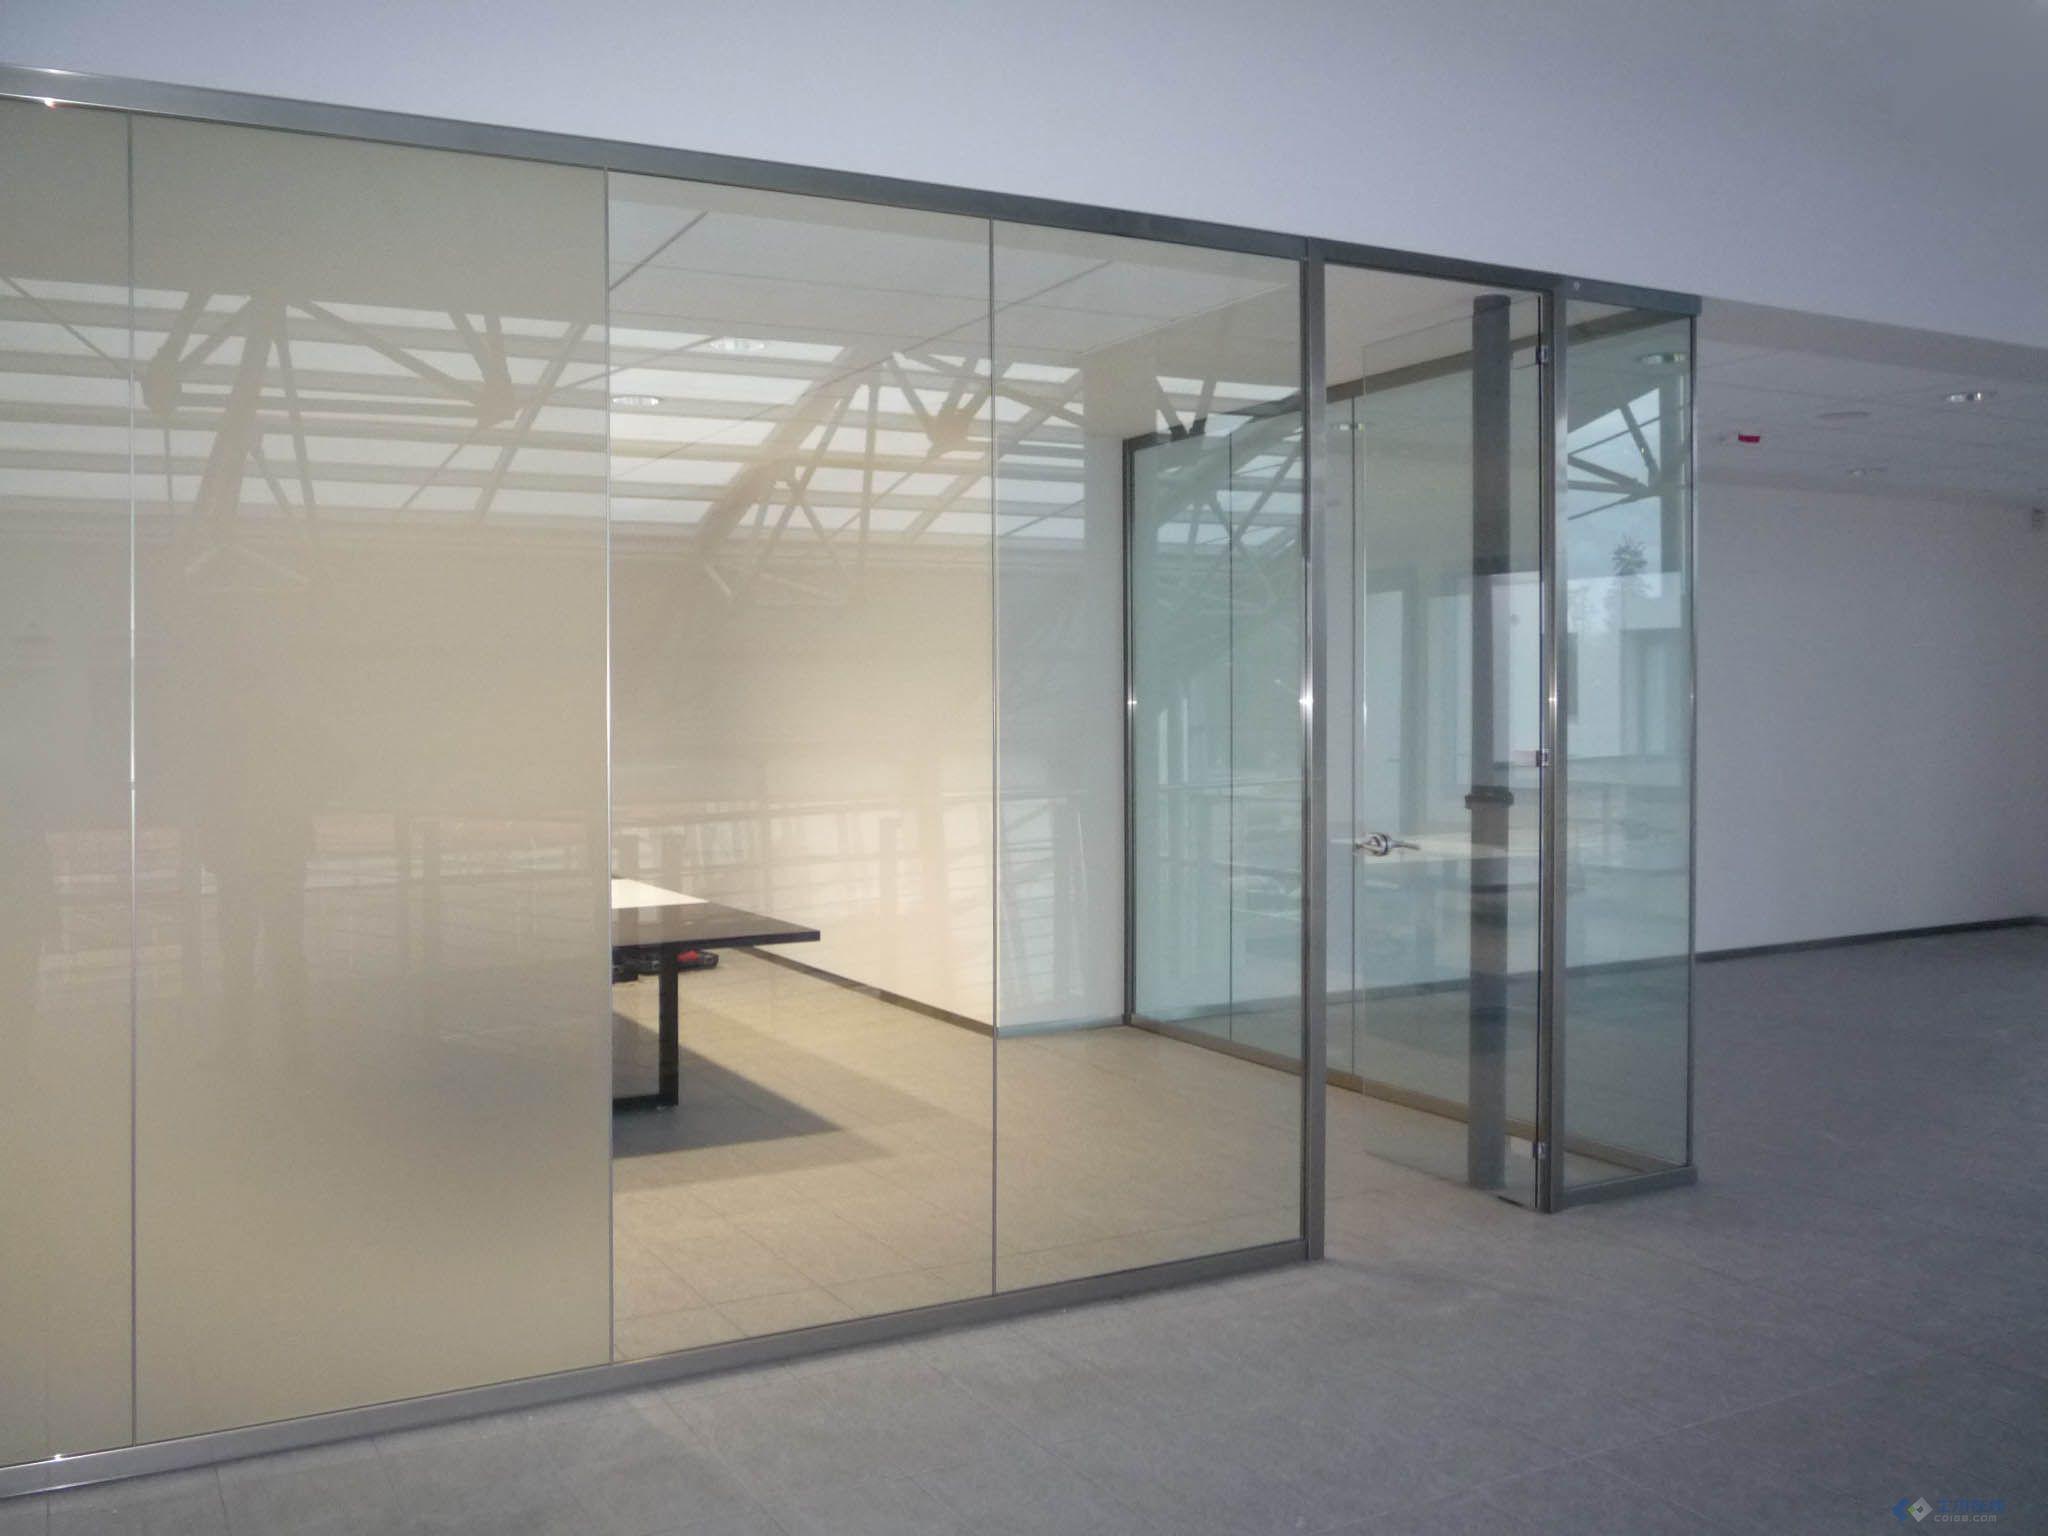 办公室玻璃隔断的效果图和实际拍摄图 土木在线论坛